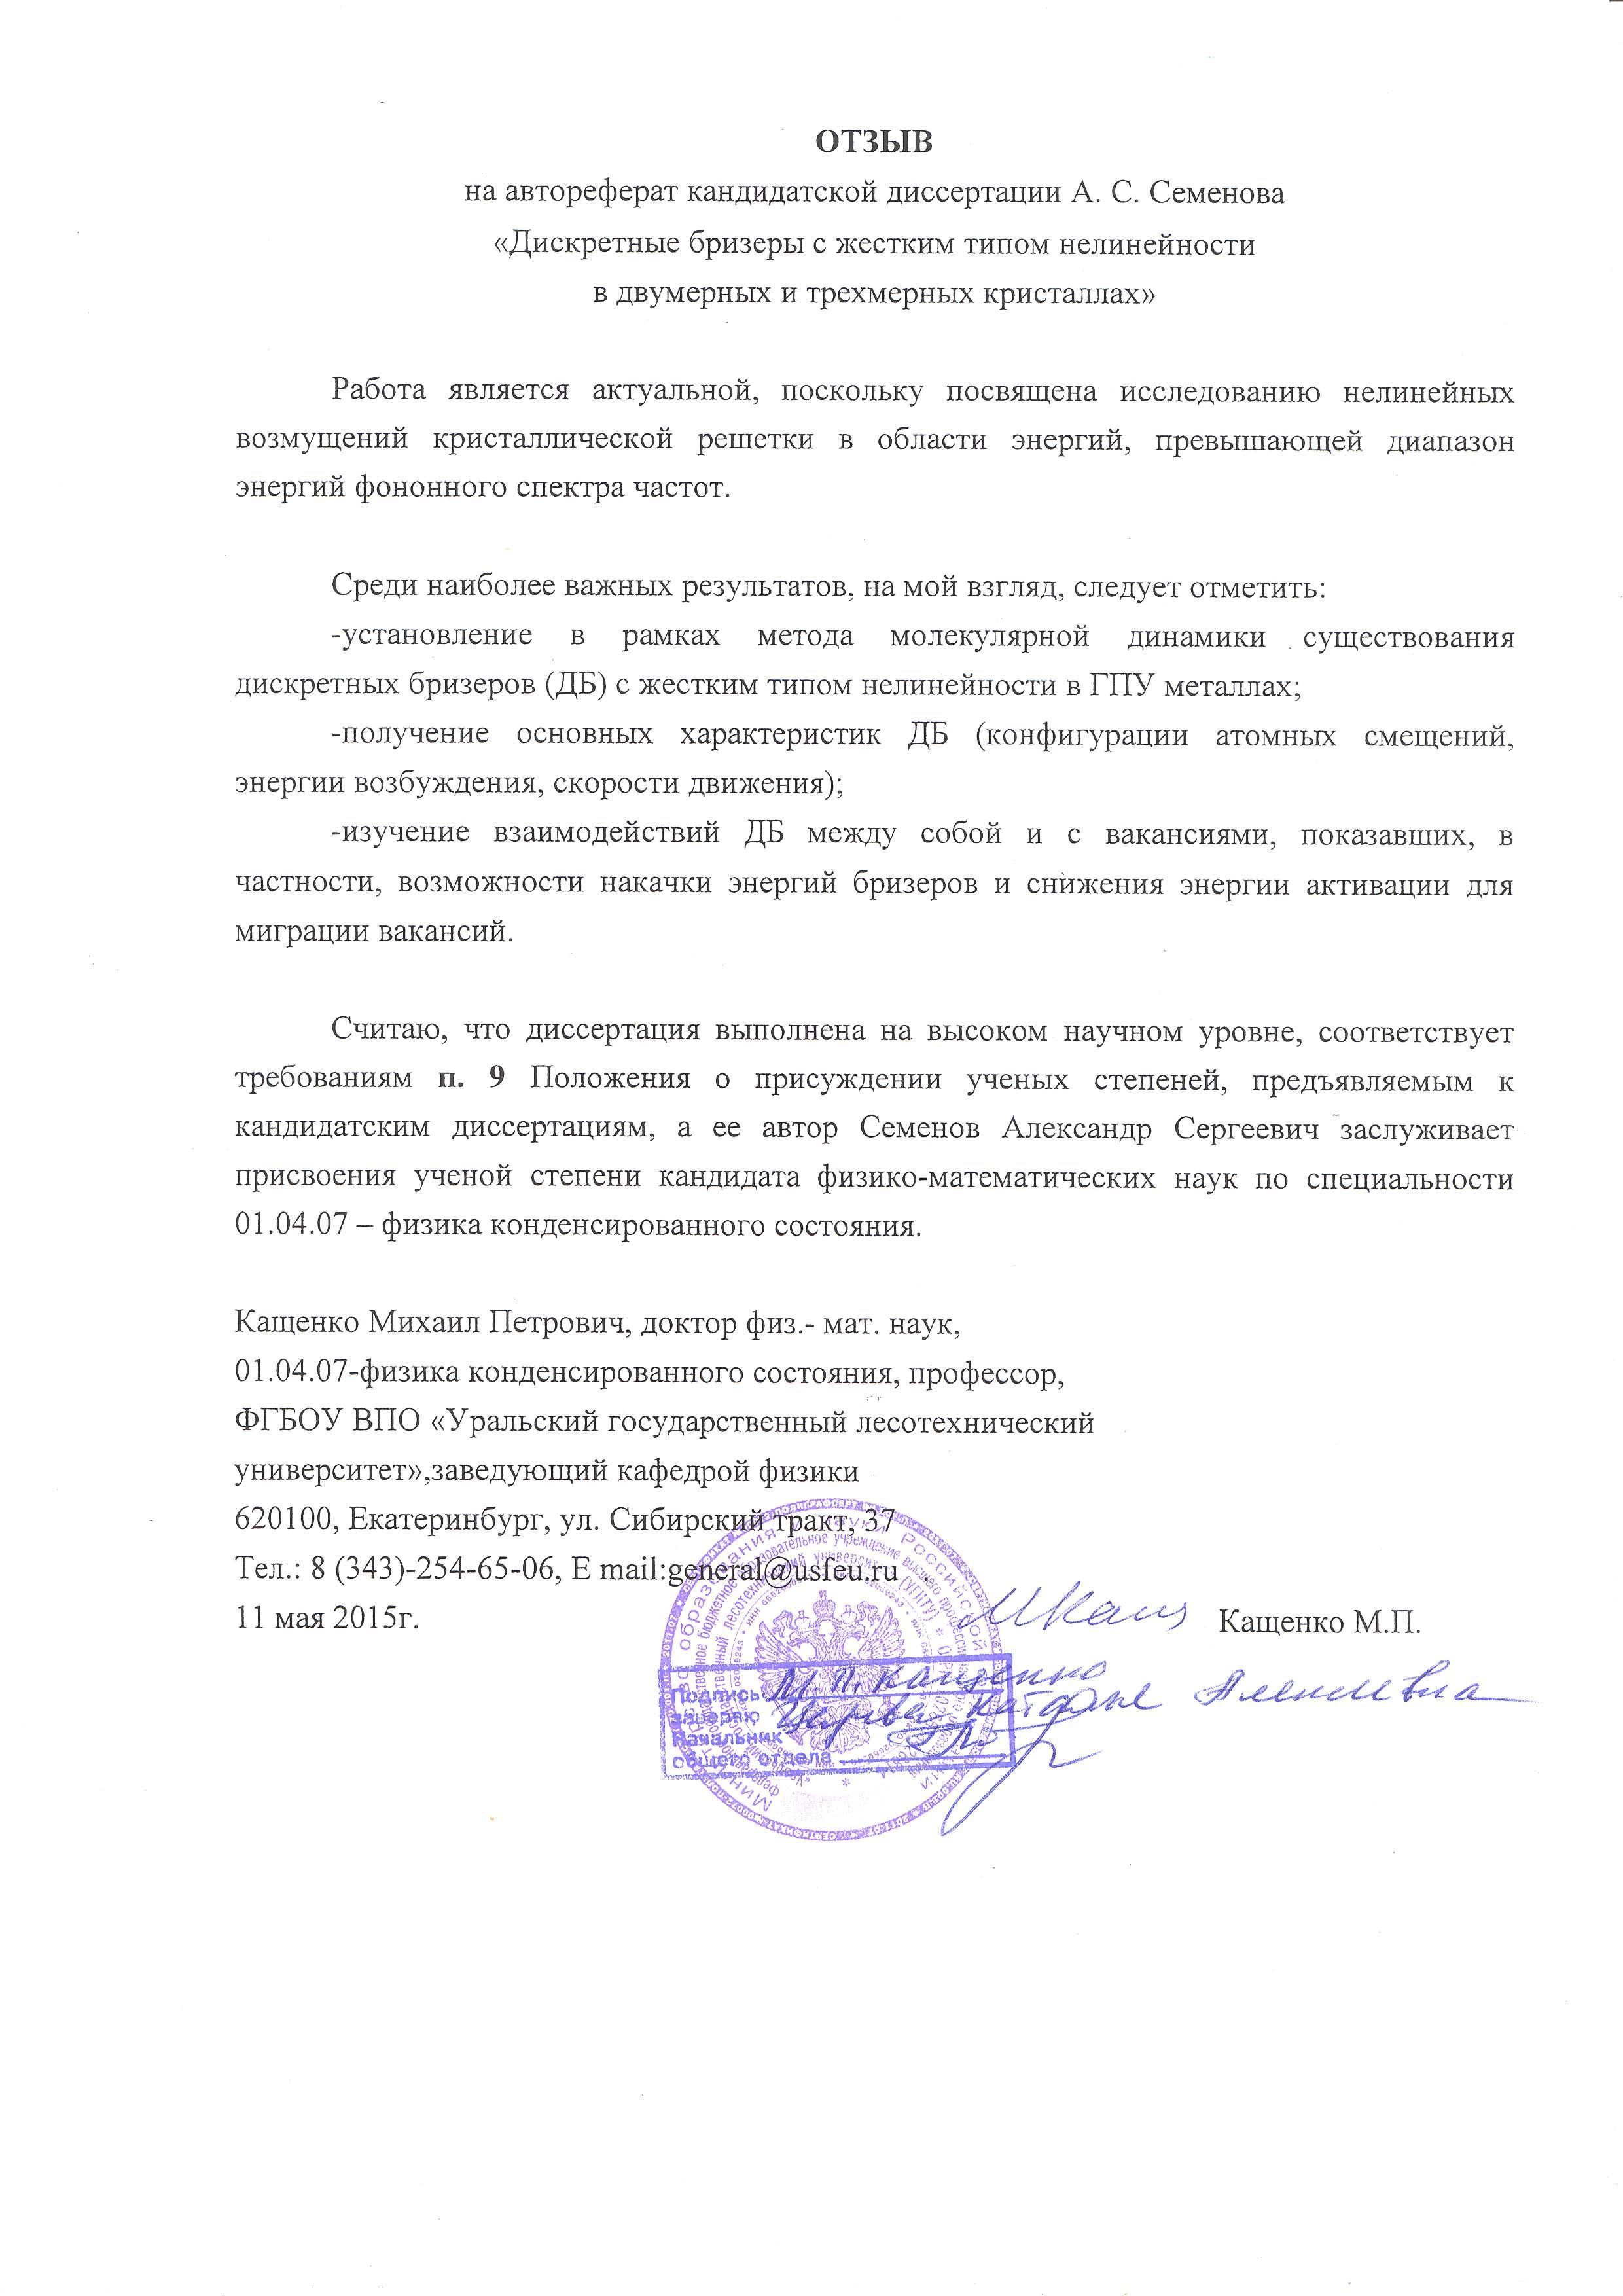 Защита диссертации Семенова А С Научные события Отдел   12 05 15 Отзыв официального оппонента Потекаева А И на диссертацию